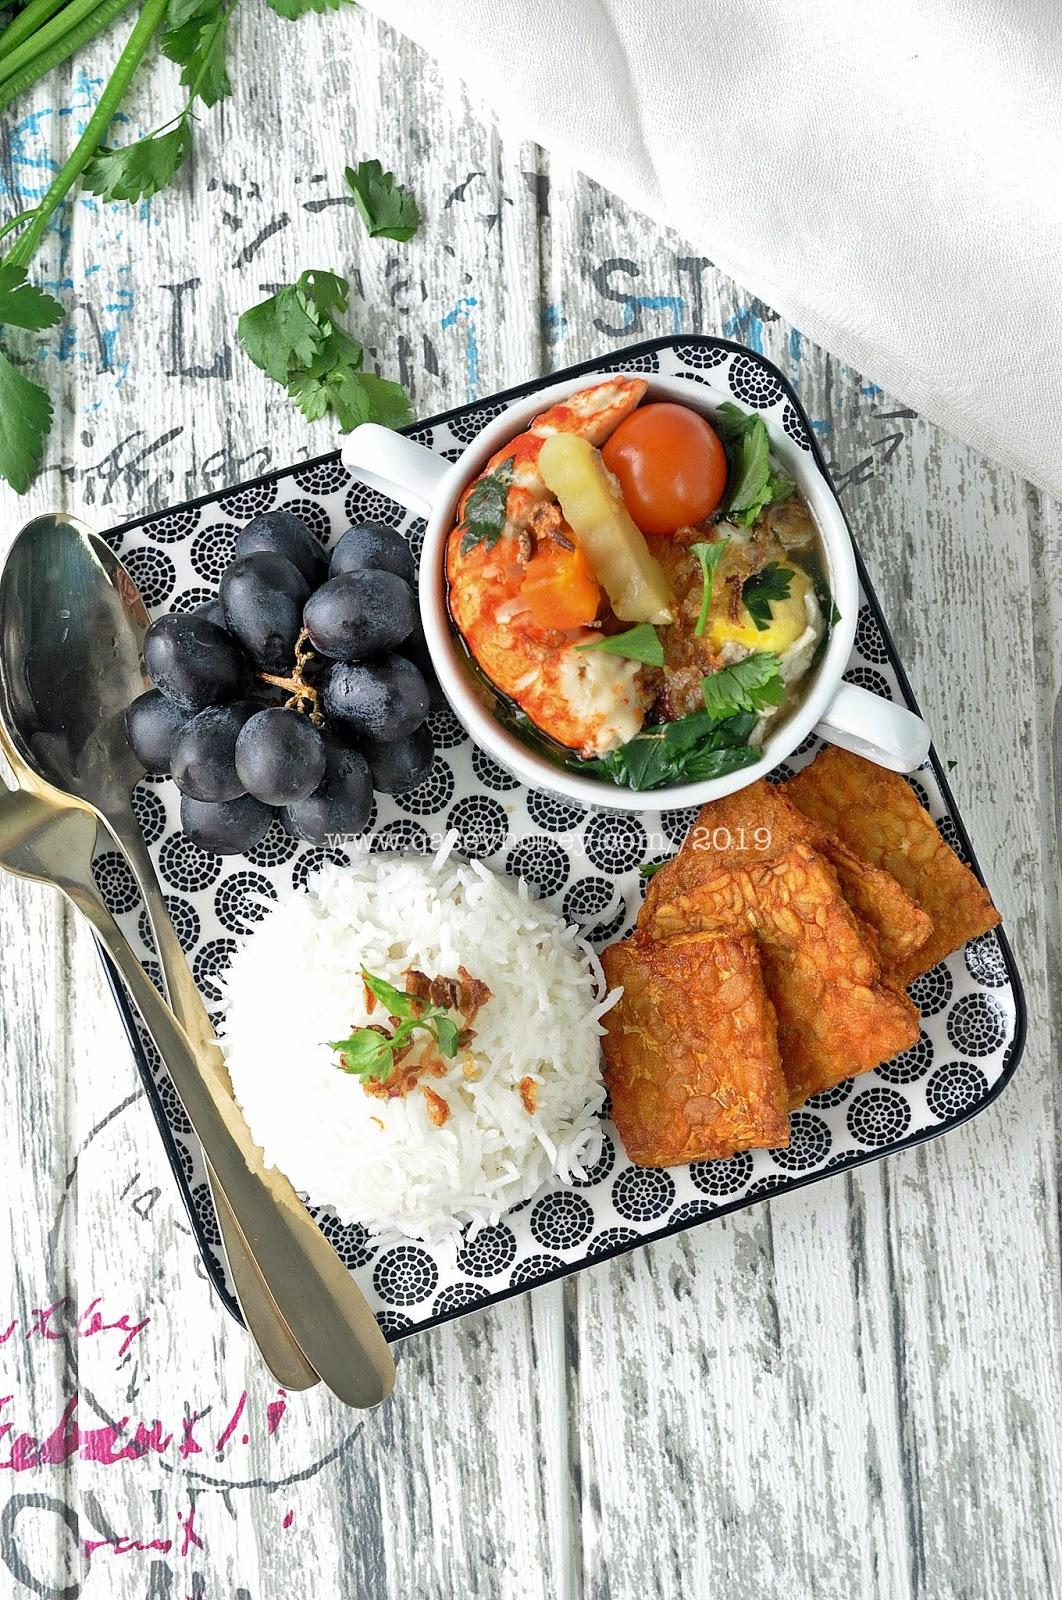 gambar nugget bihun gambar makanan Resepi Bihun Goreng Sihat Enak dan Mudah